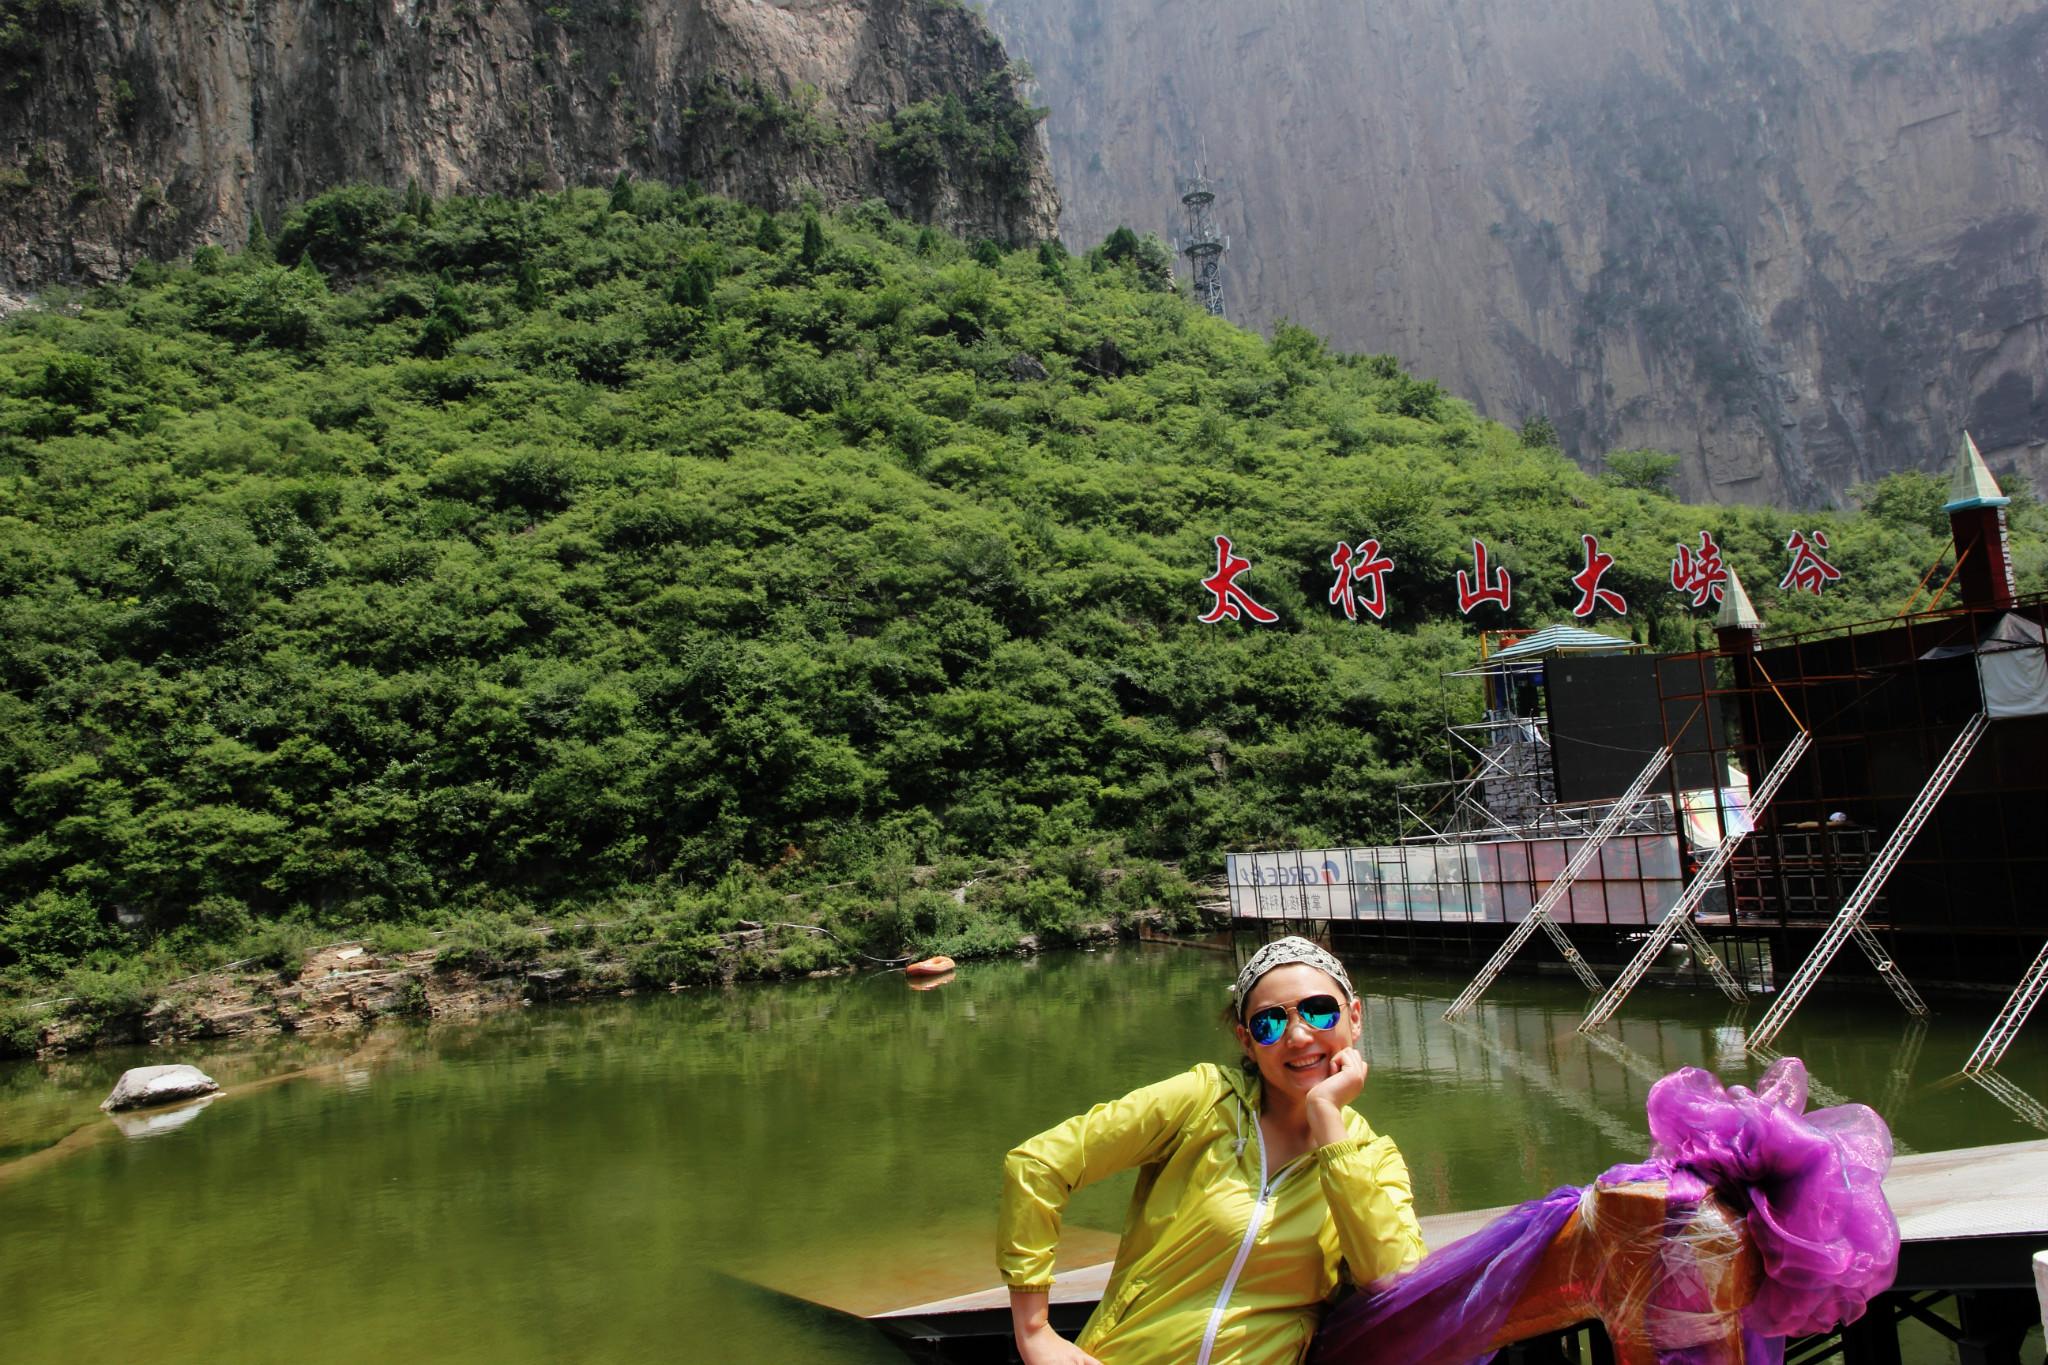 太行山大峡谷之红豆峡